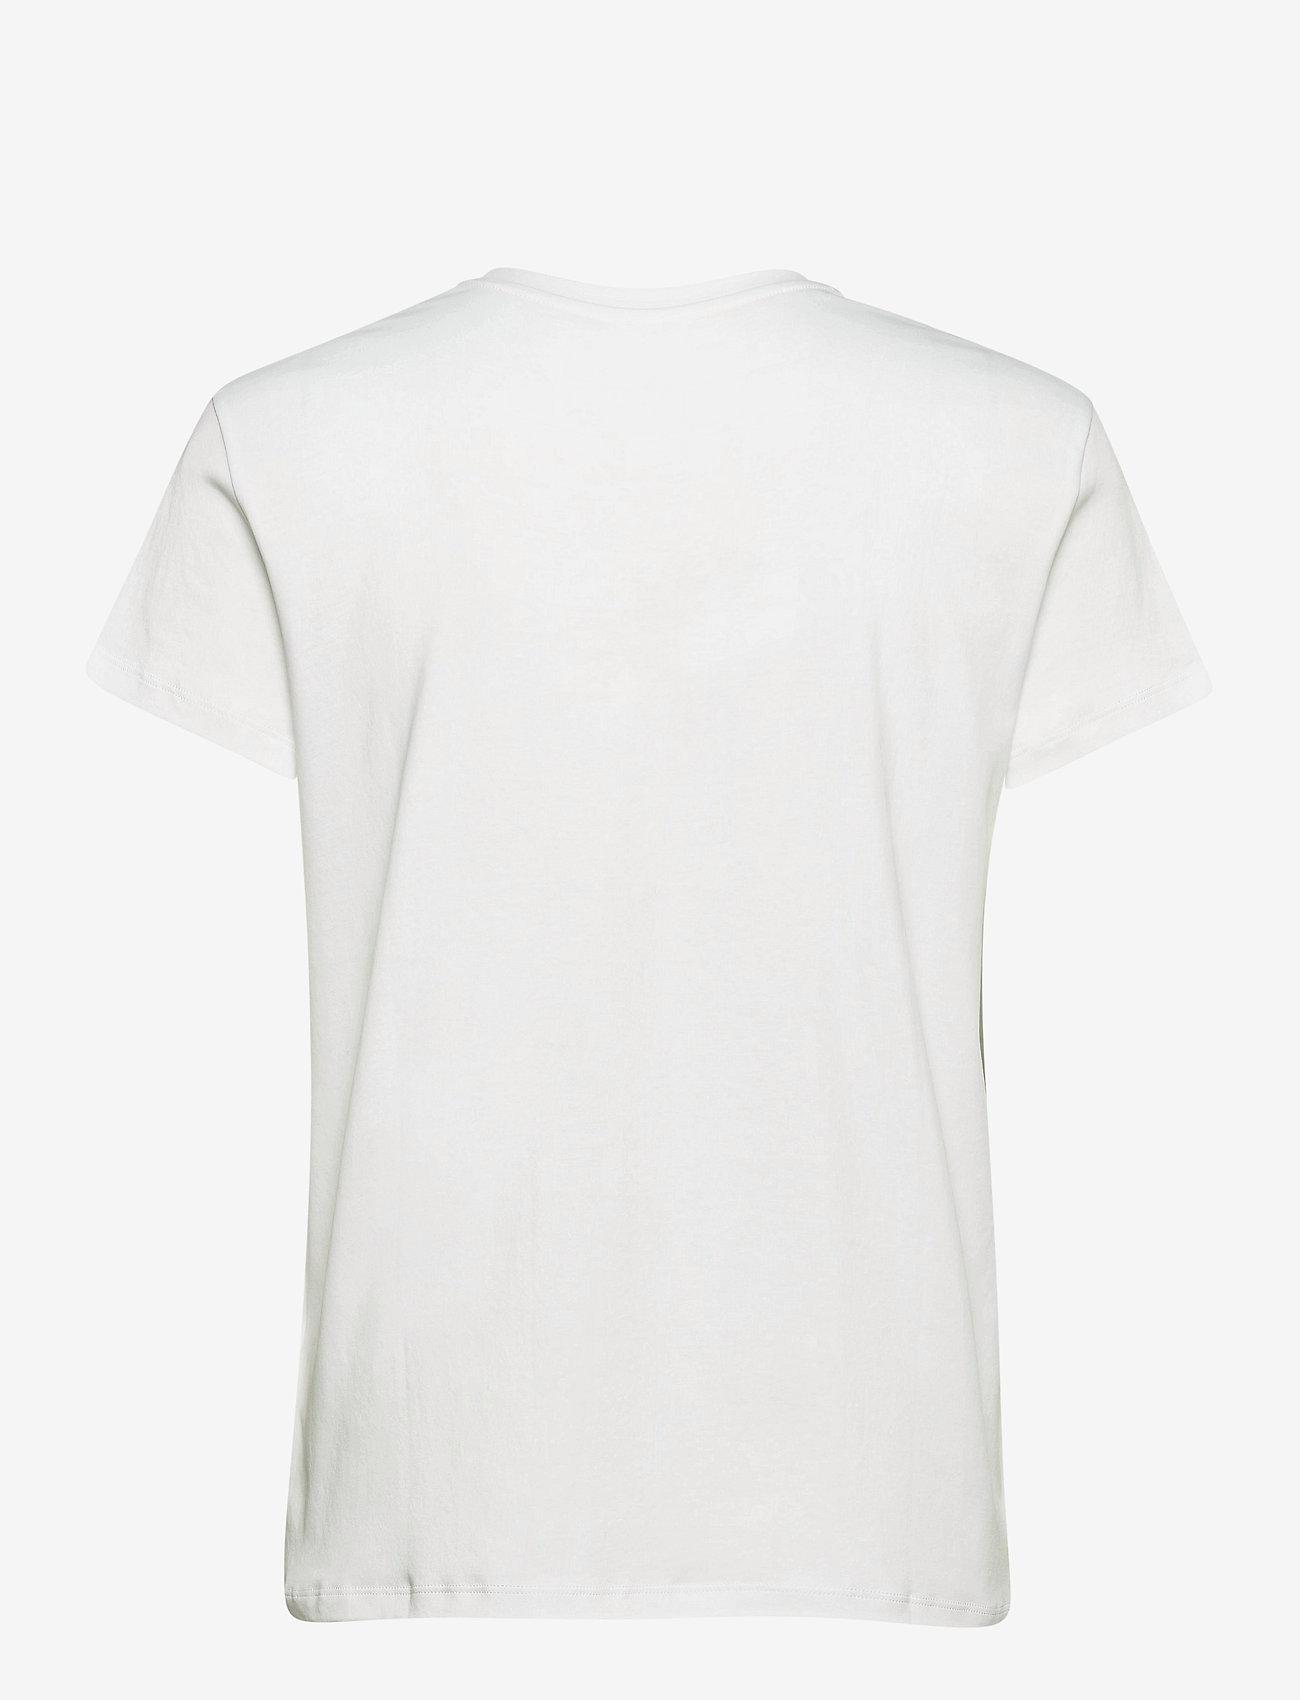 Zadig & Voltaire - ZOE BLASON STRASS T-SHIRT - t-shirts - white - 2